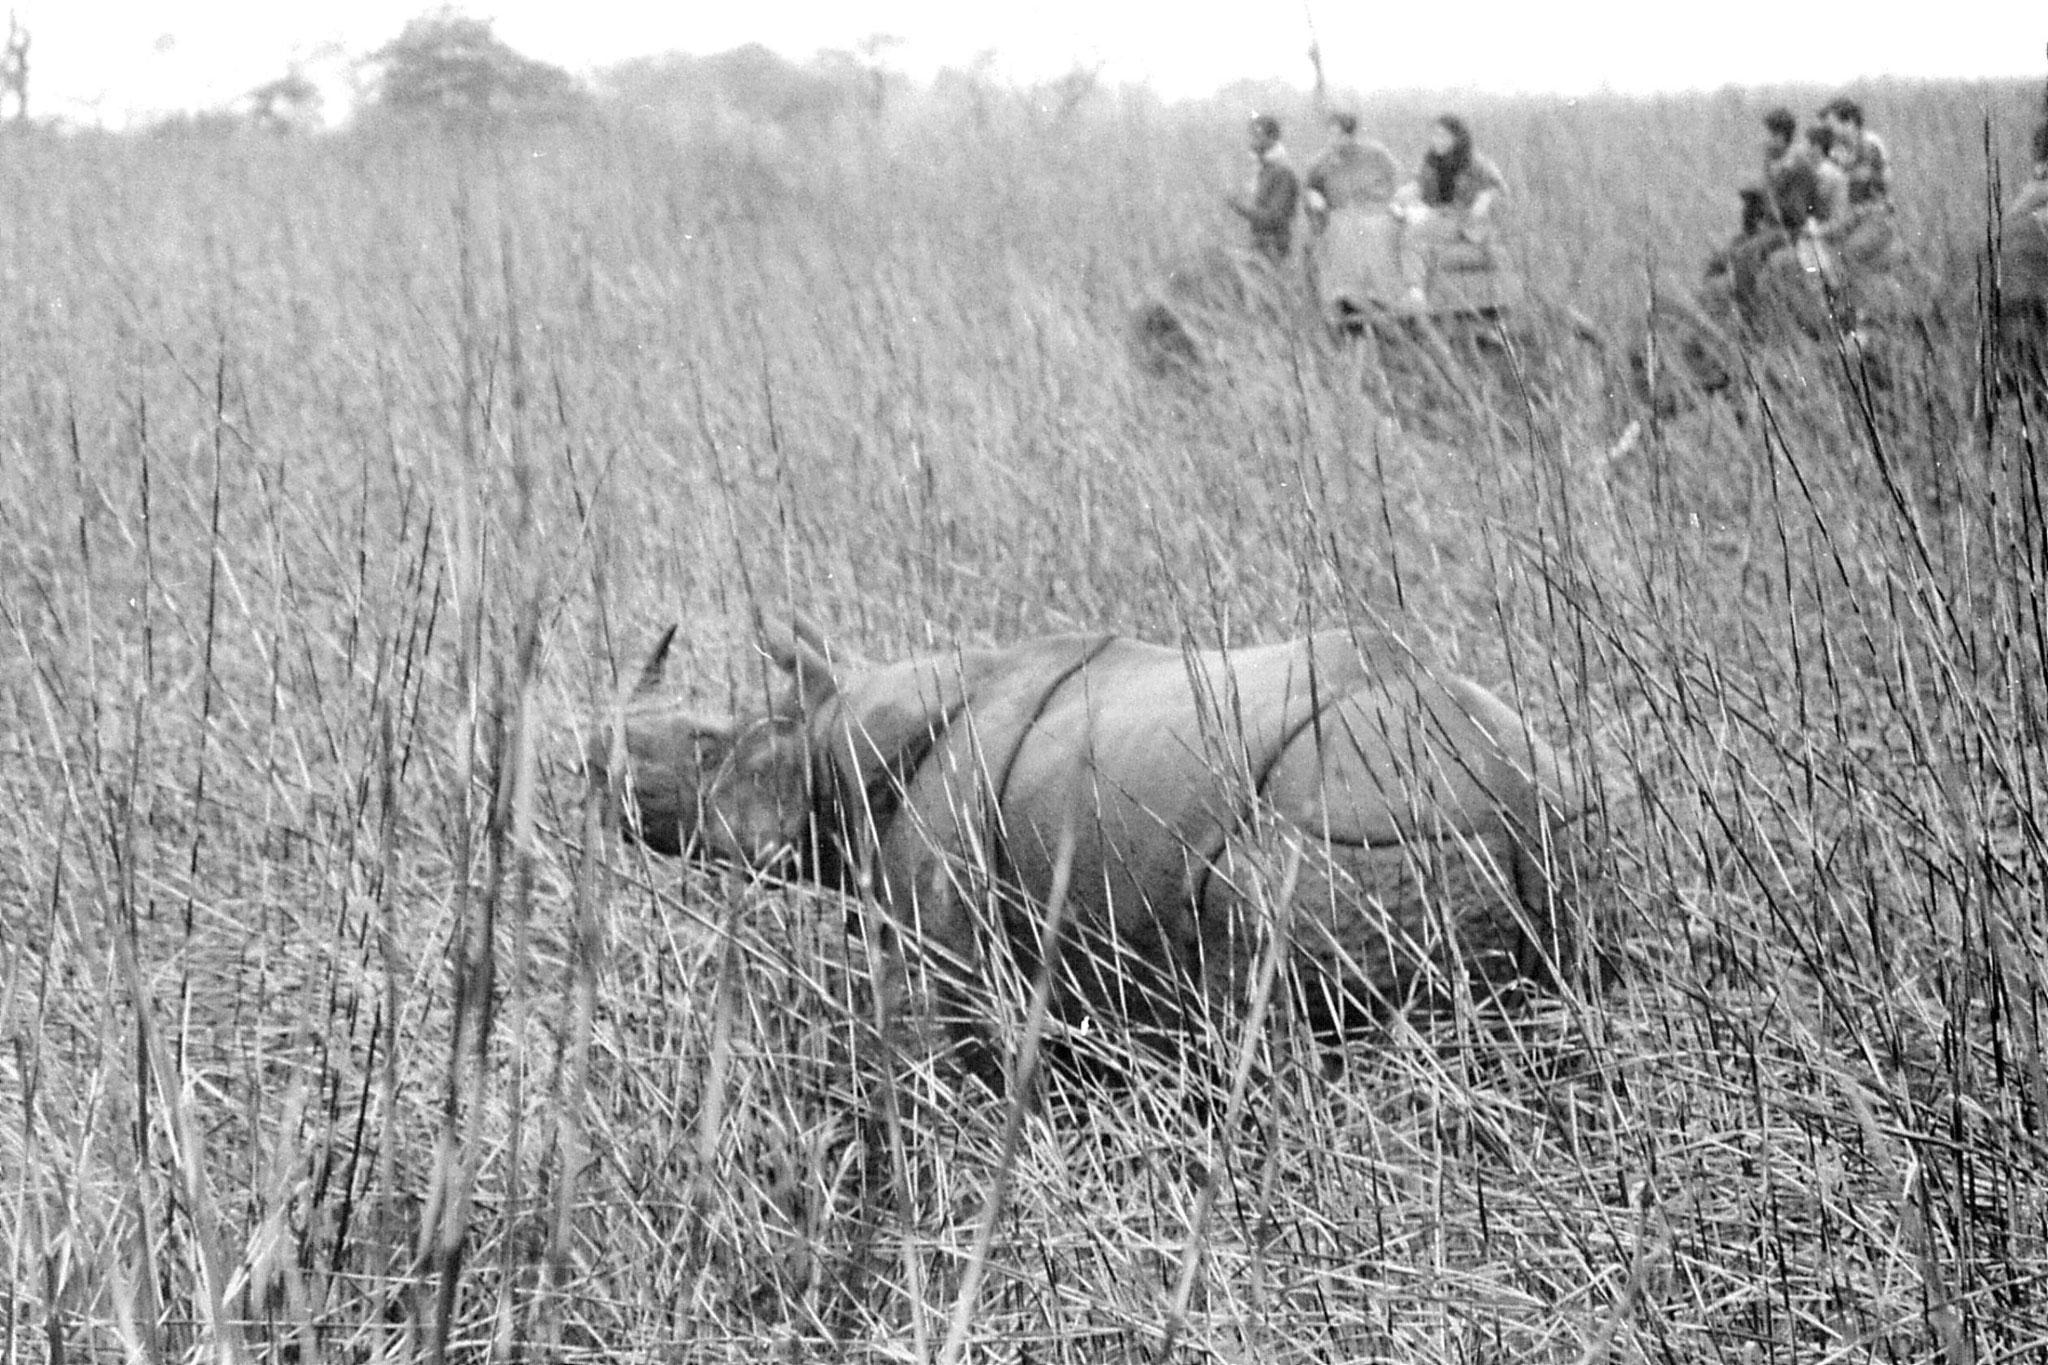 9/4/1990: 28: Kaziranga Indian One Horned Rhino